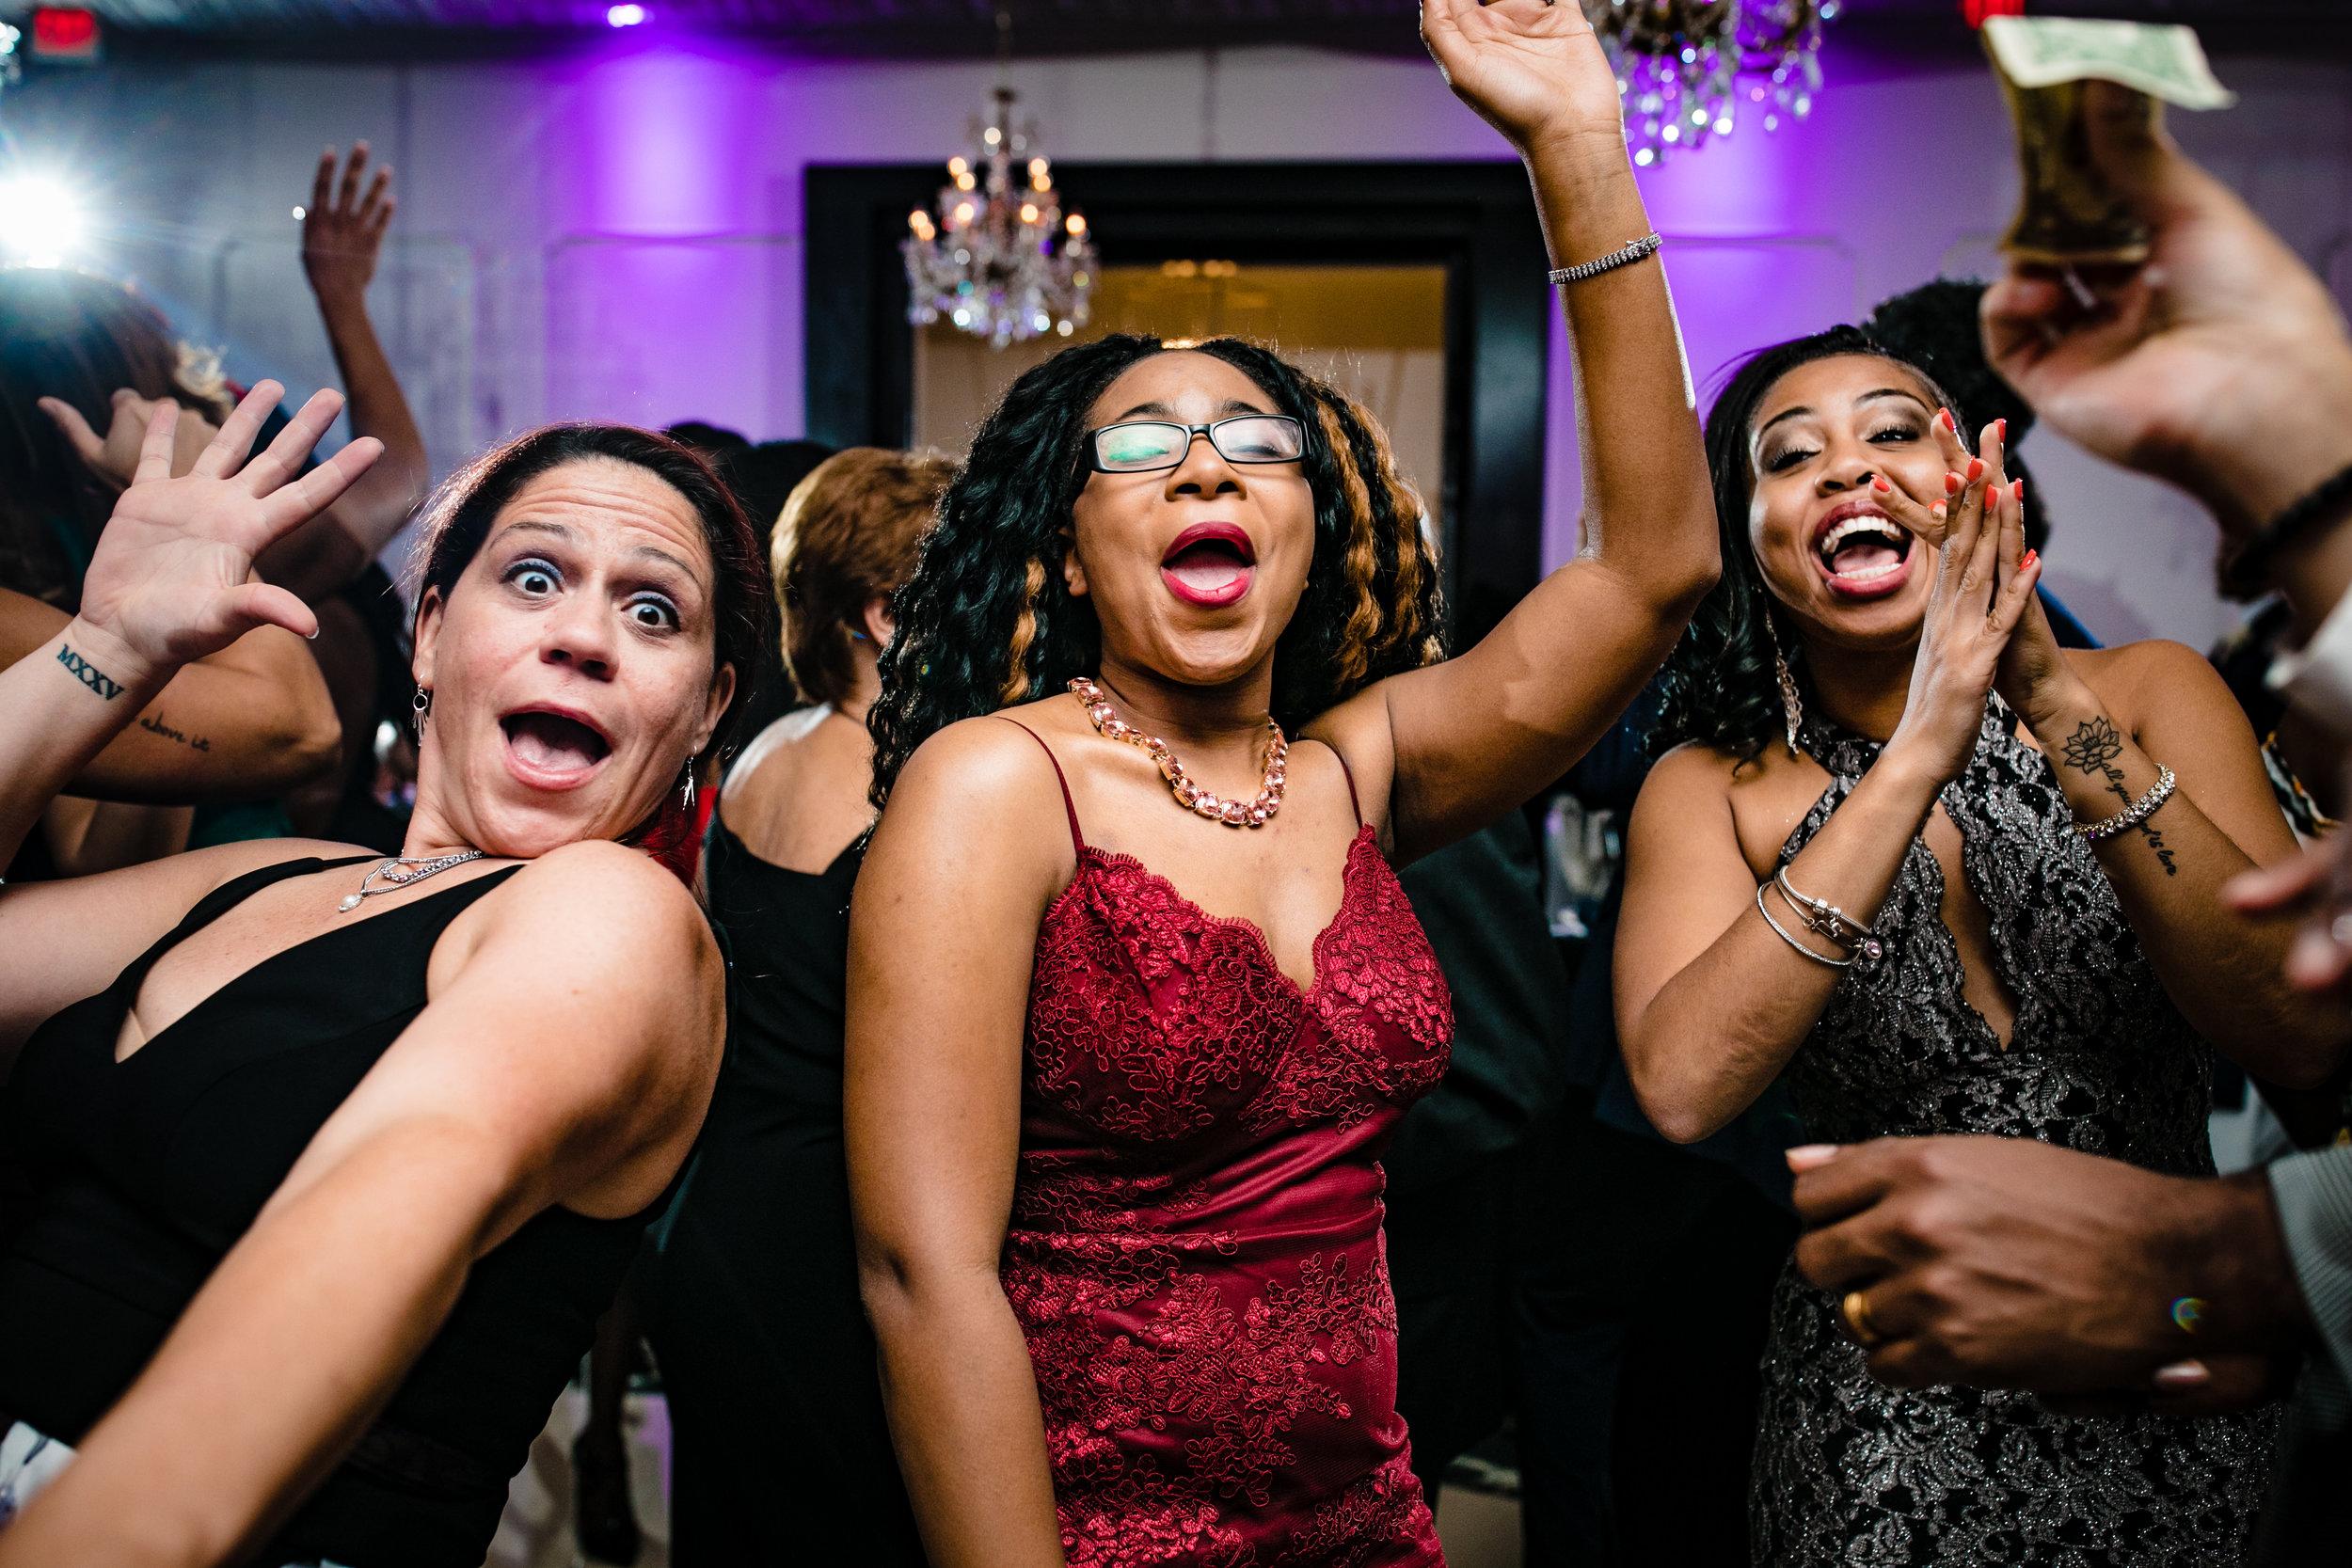 fun dance floor ladies dancing women and clapping